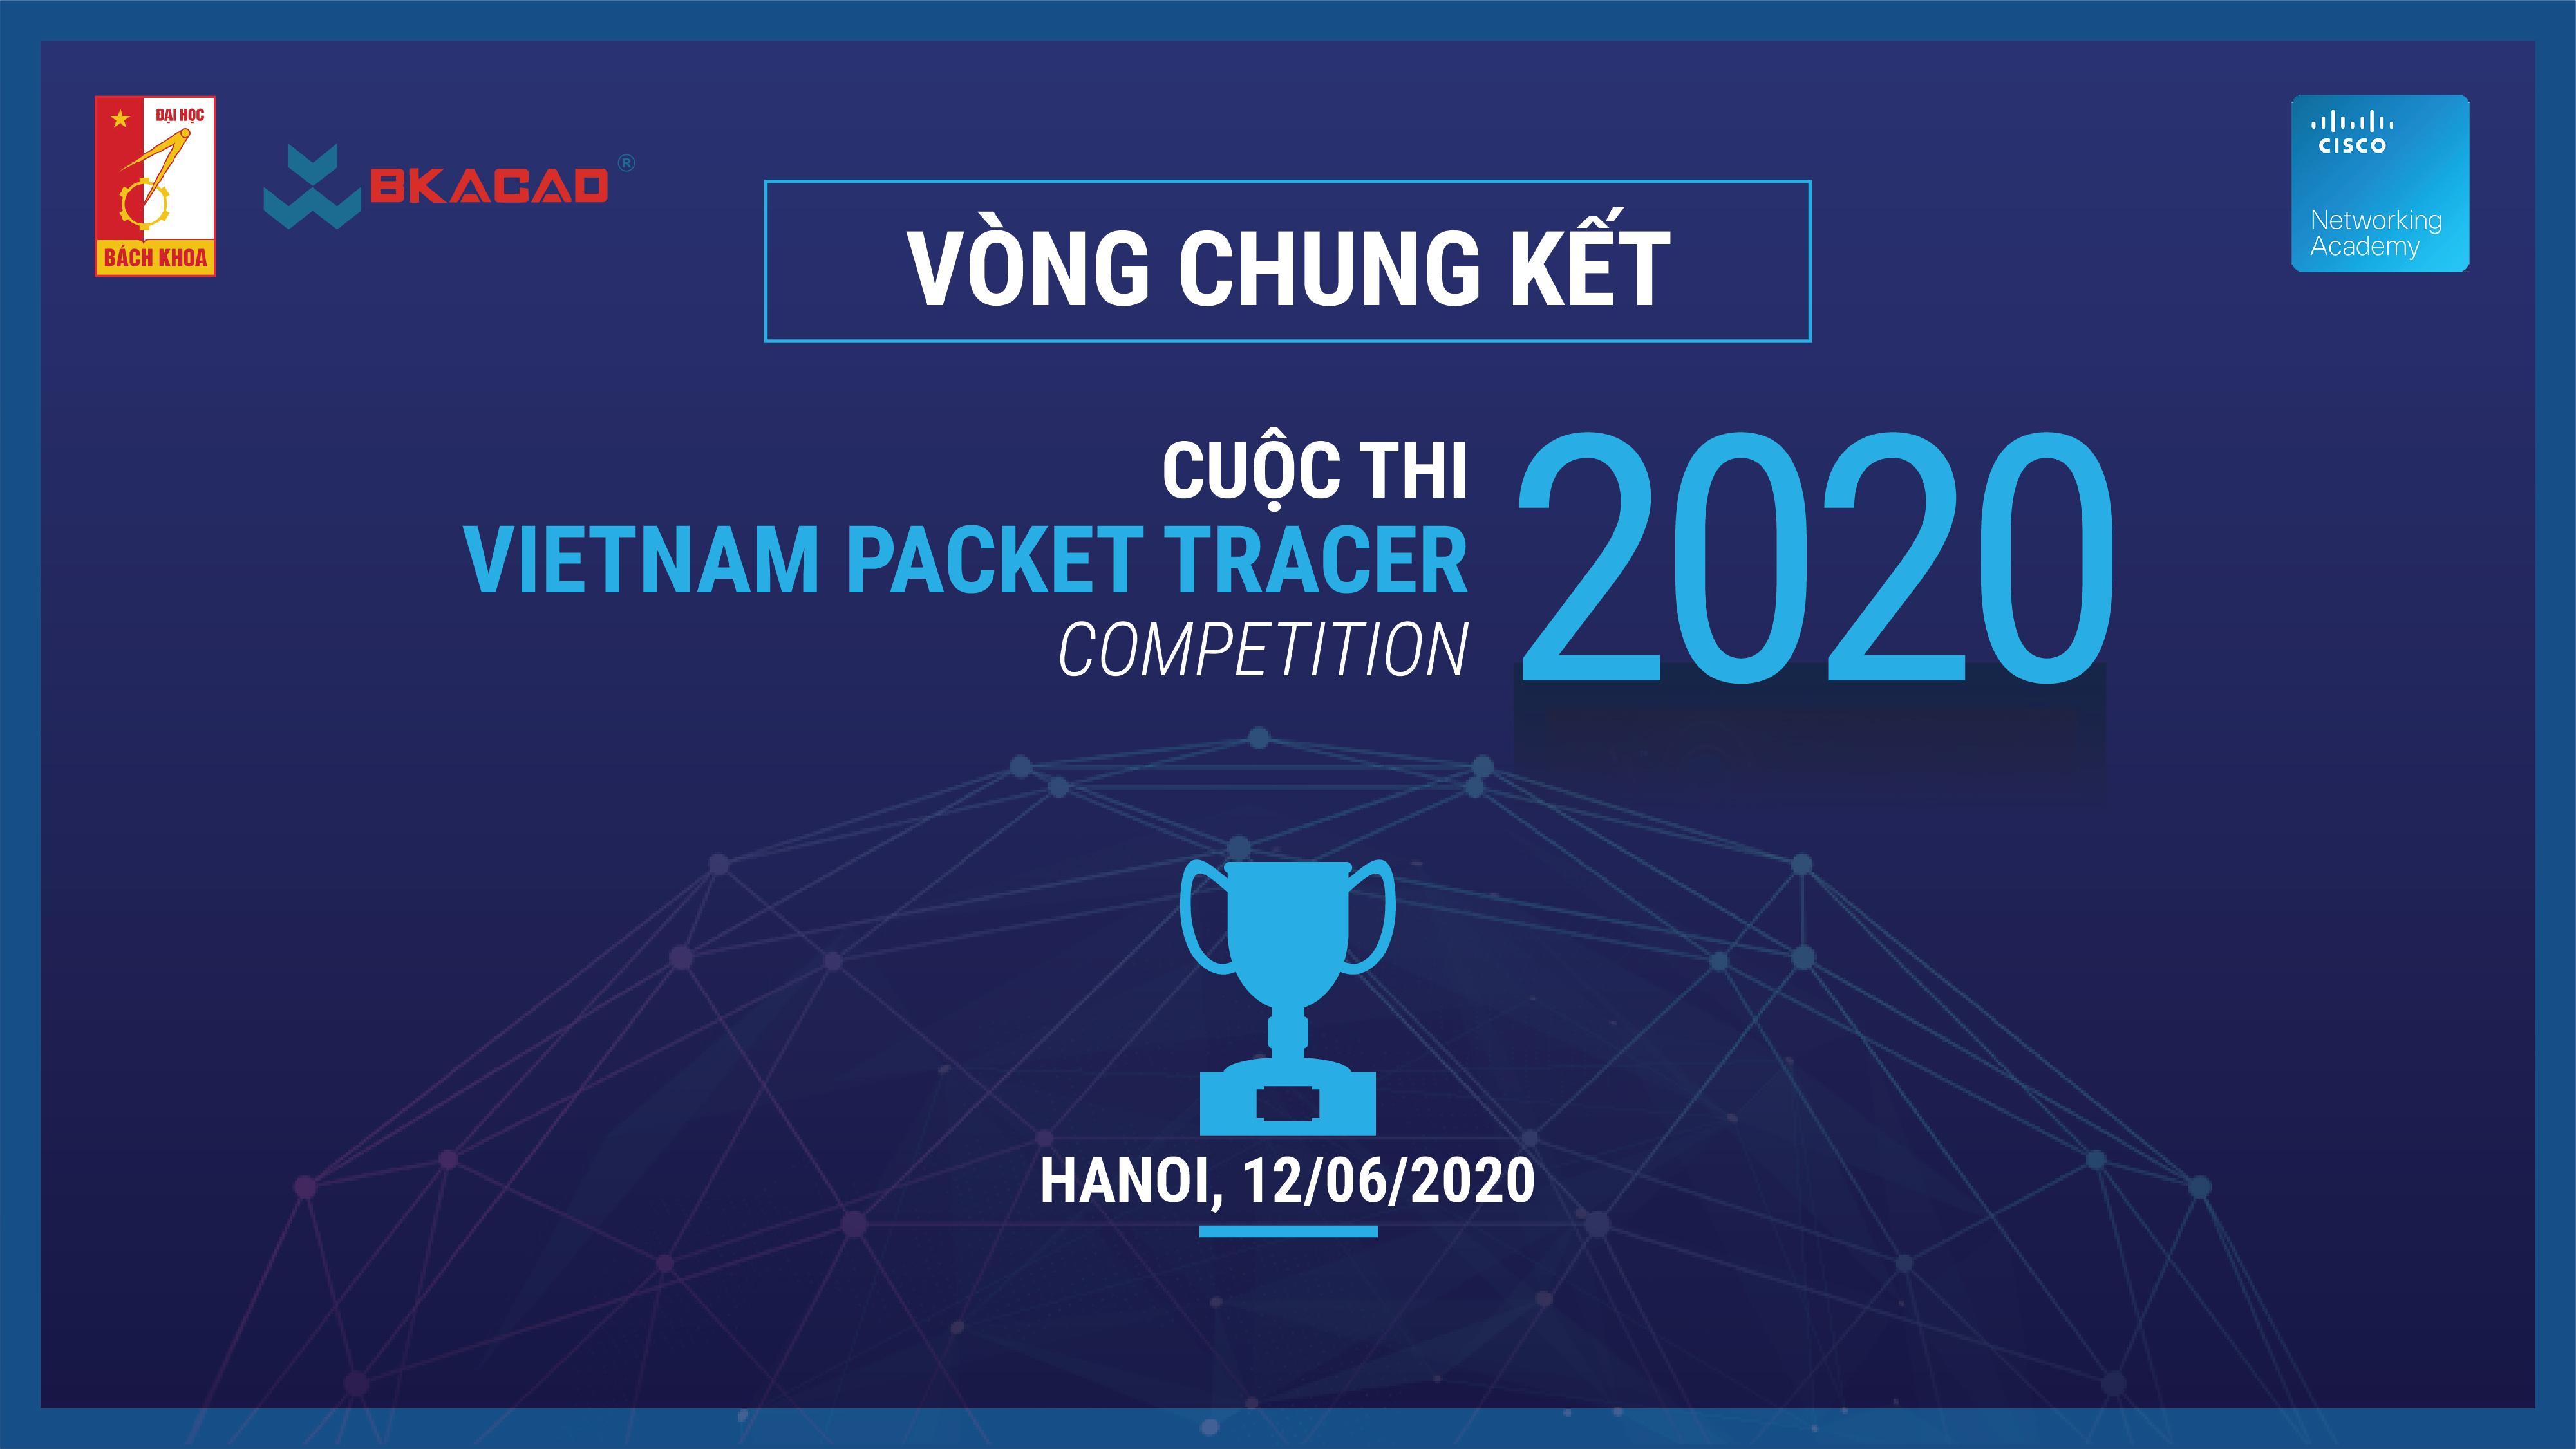 SINH VIÊN BKACAD GIÀNH GIẢI BA TRONG CUỘC THI VIETNAM PACKET TRACER 2020